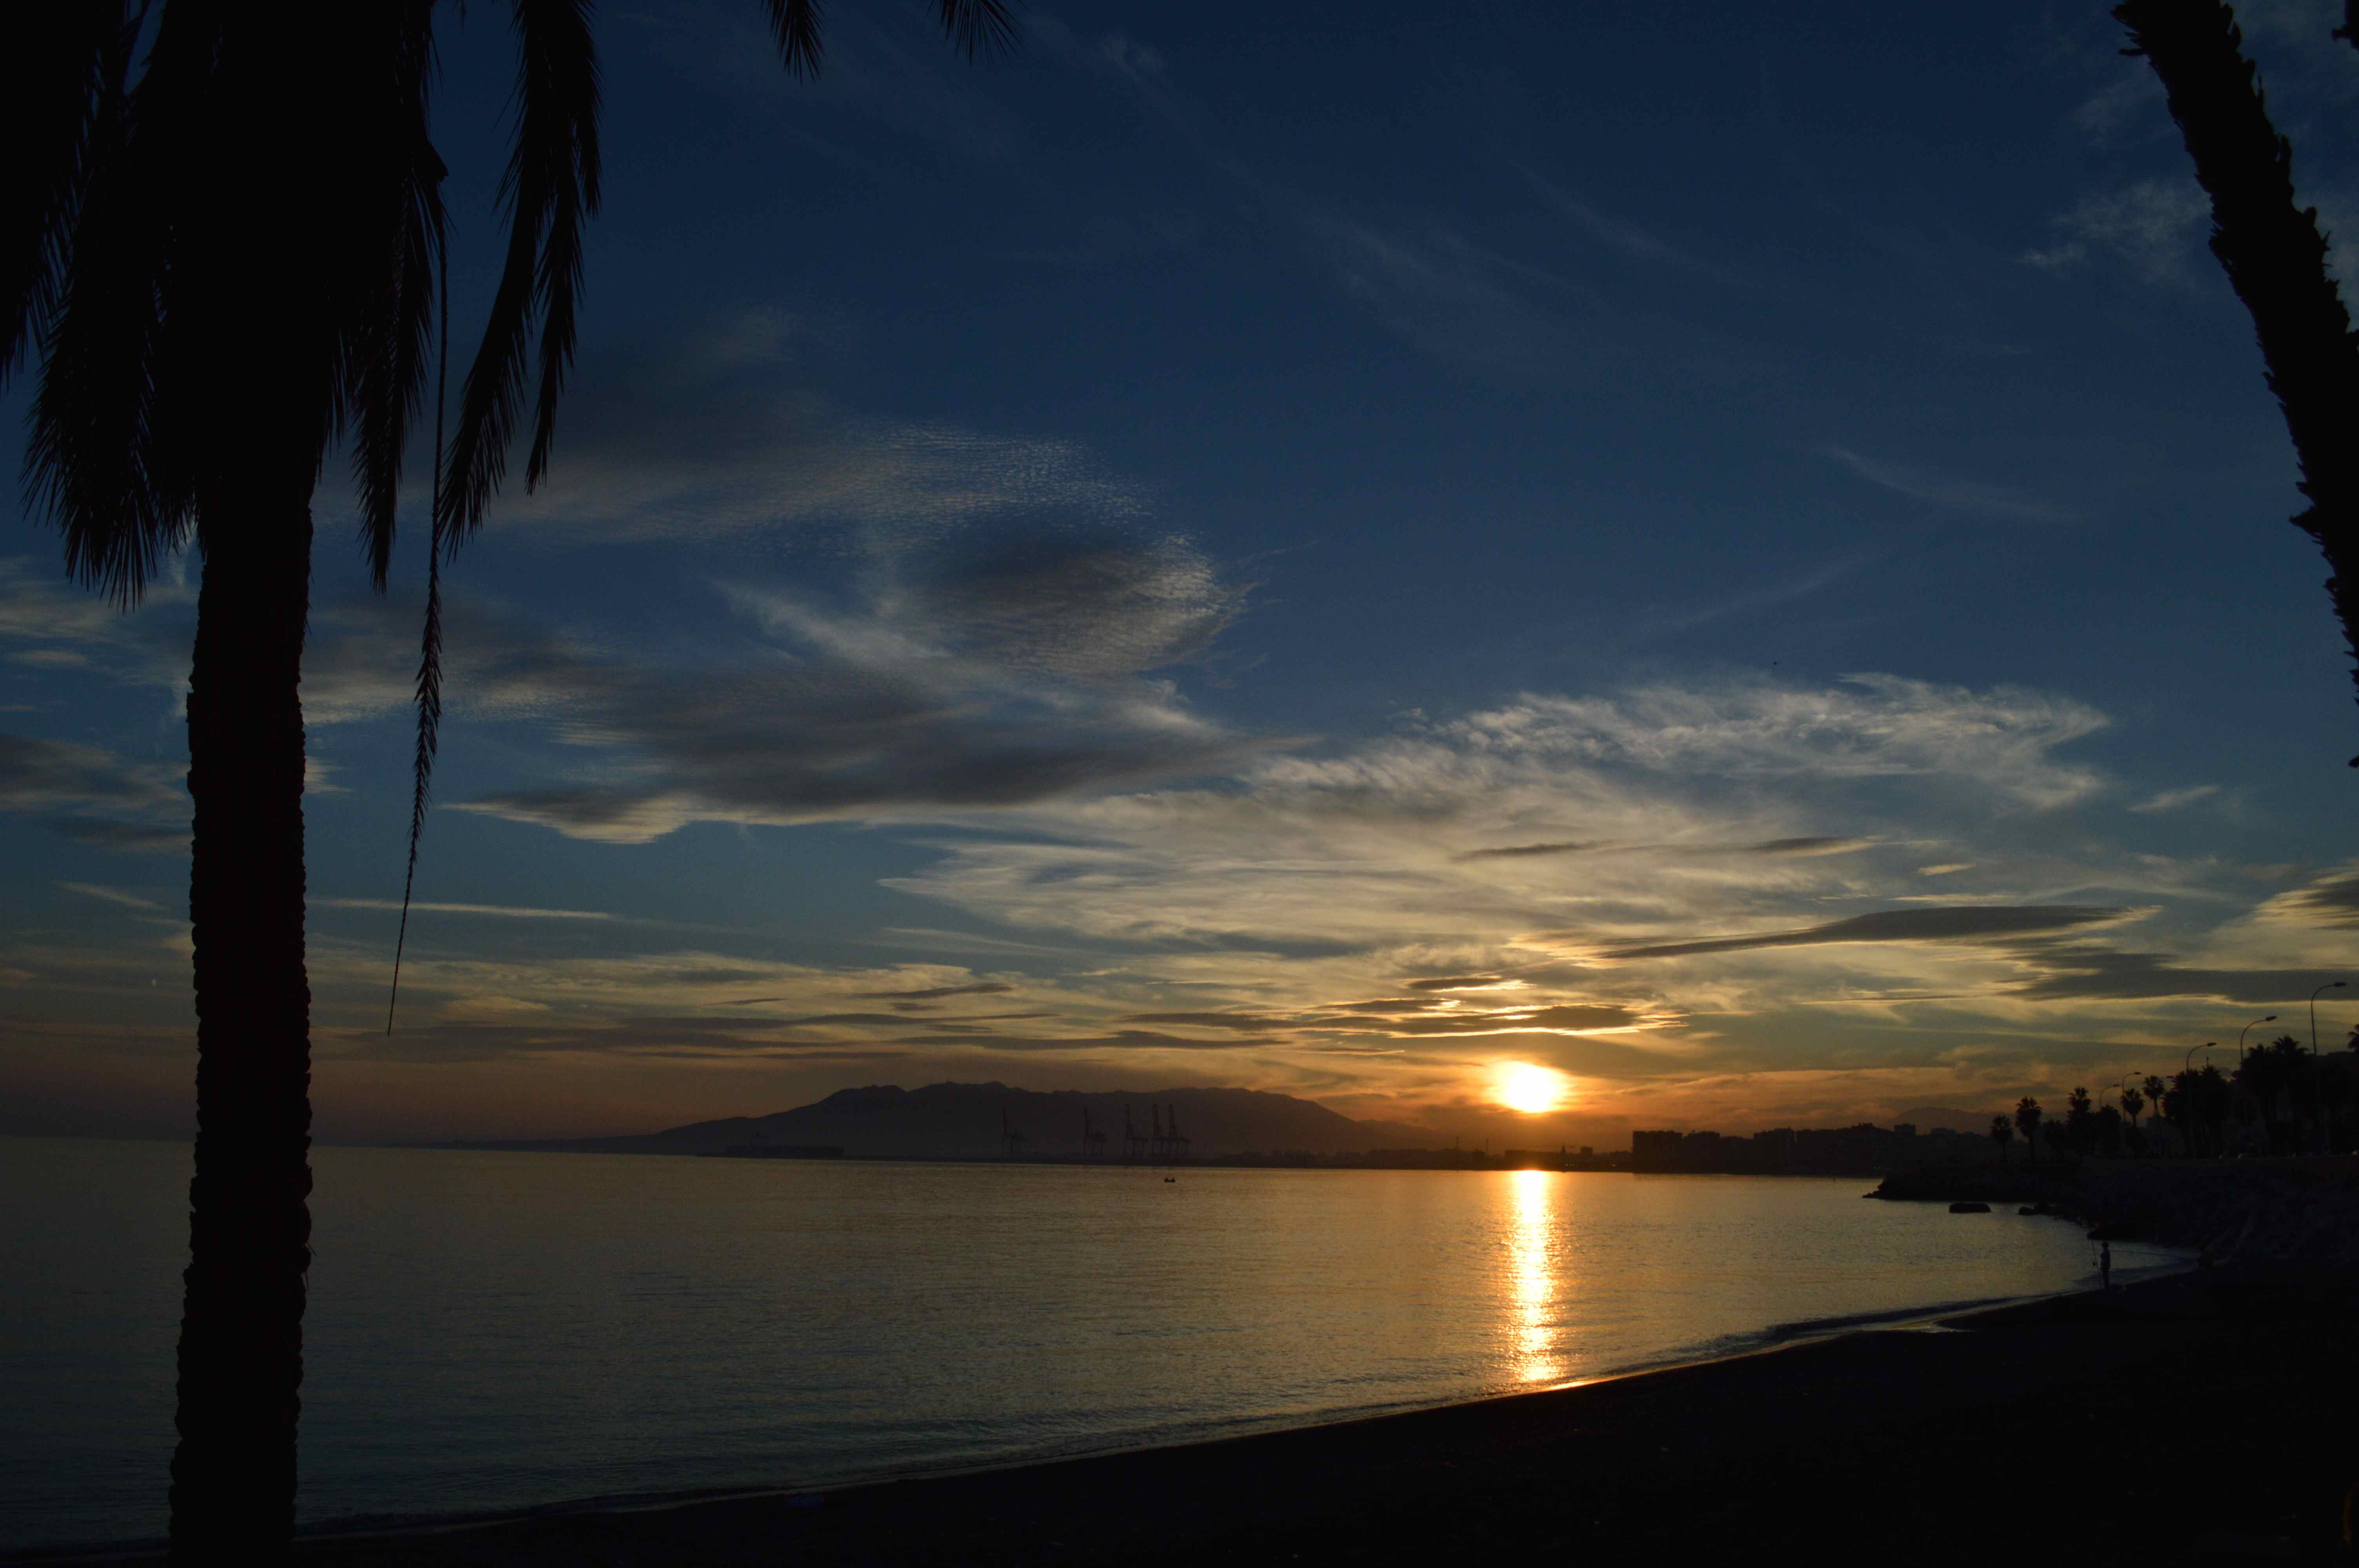 sunset_in_Malaga.jpg